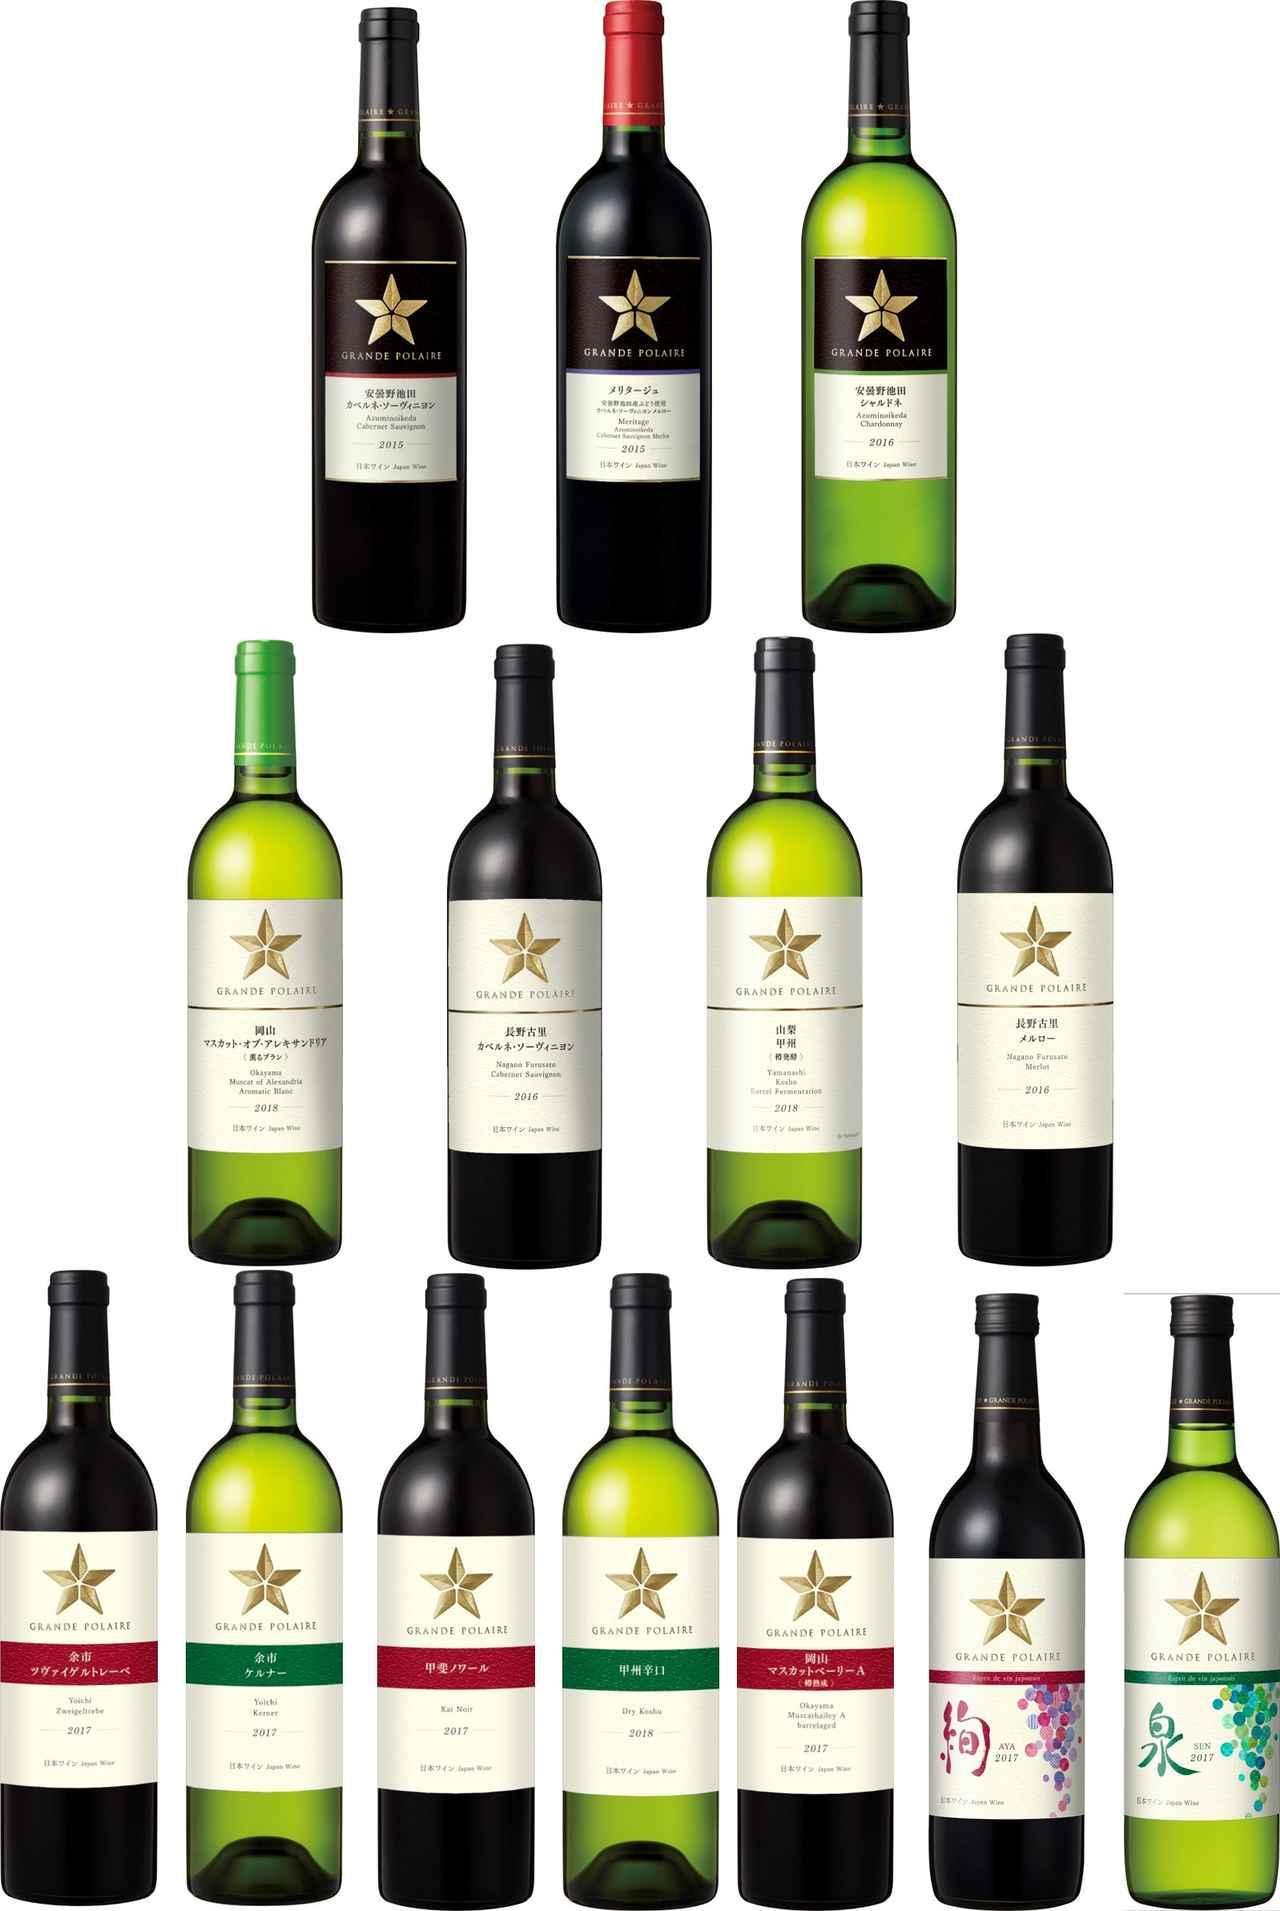 画像: 日本ワイン「グランポレール」がブランドを再構築